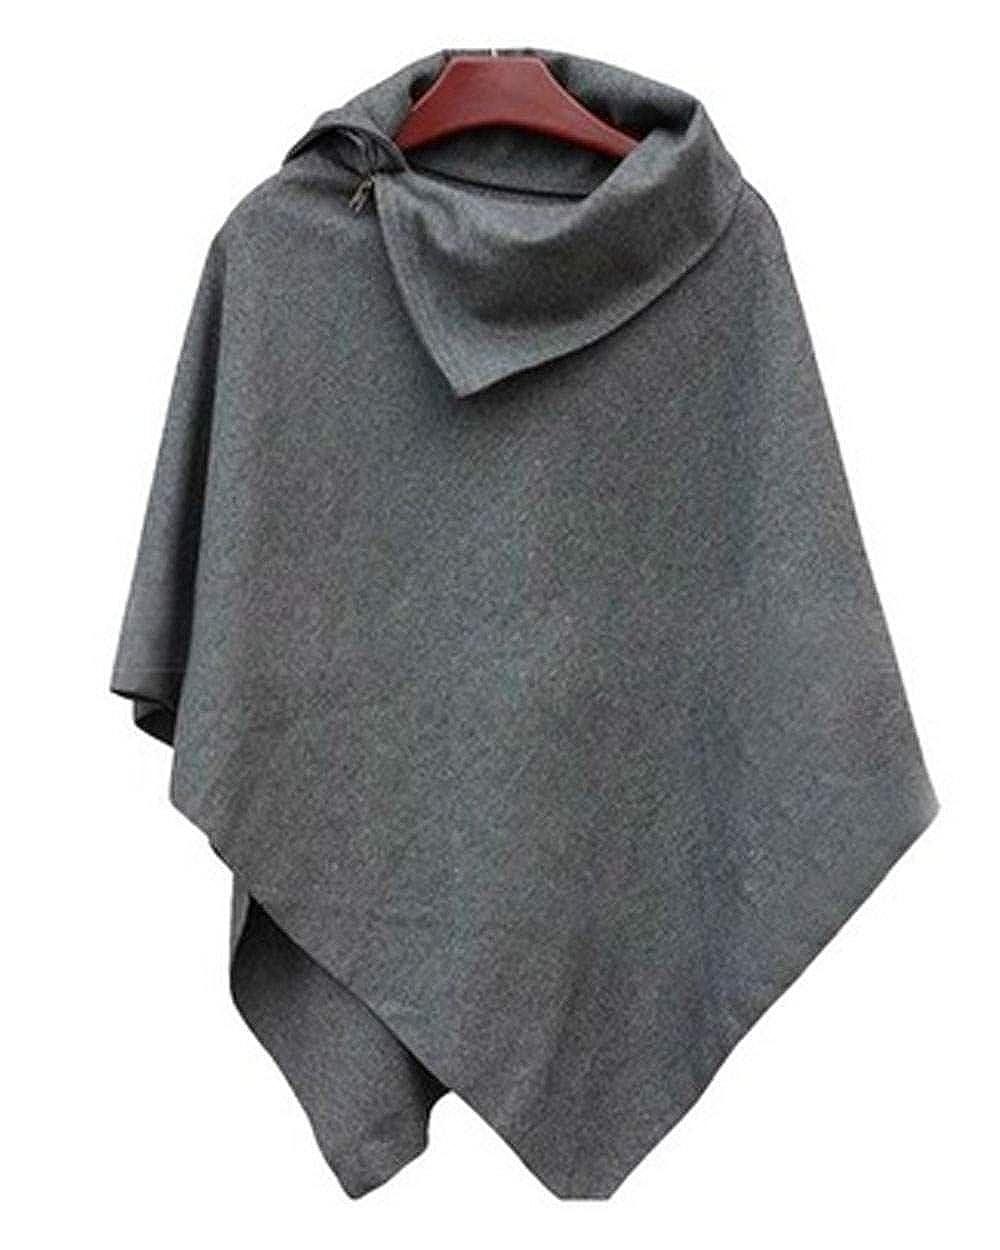 Eshion Fashion Women New Batwing Cape Poncho Cloak Knitting Sweater Top Casual